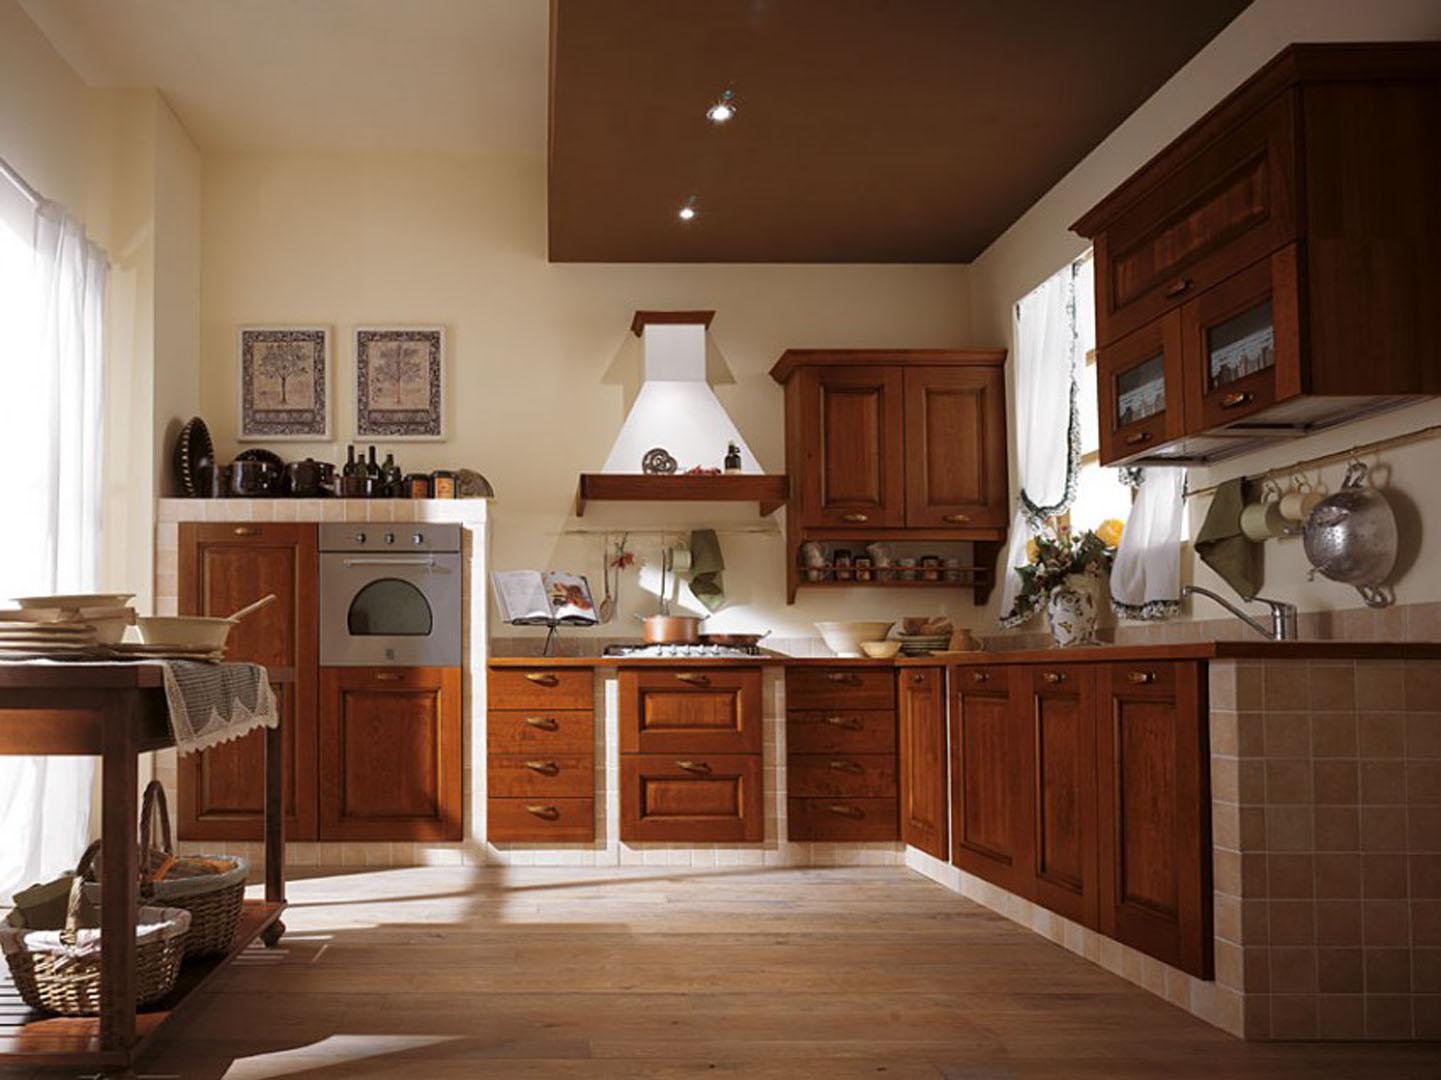 Cucina classica cucine scavolini classiche fascino senza - Cucina scavolini classica ...